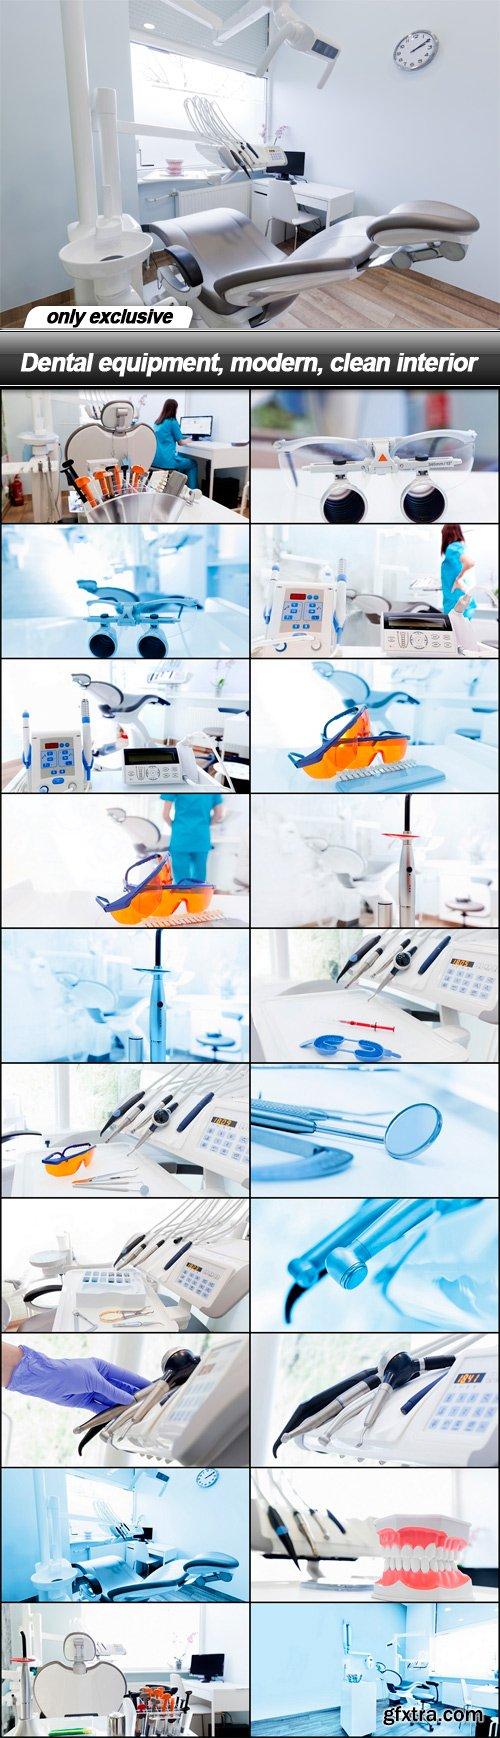 Dental equipment, modern, clean interior - 21 UHQ JPEG